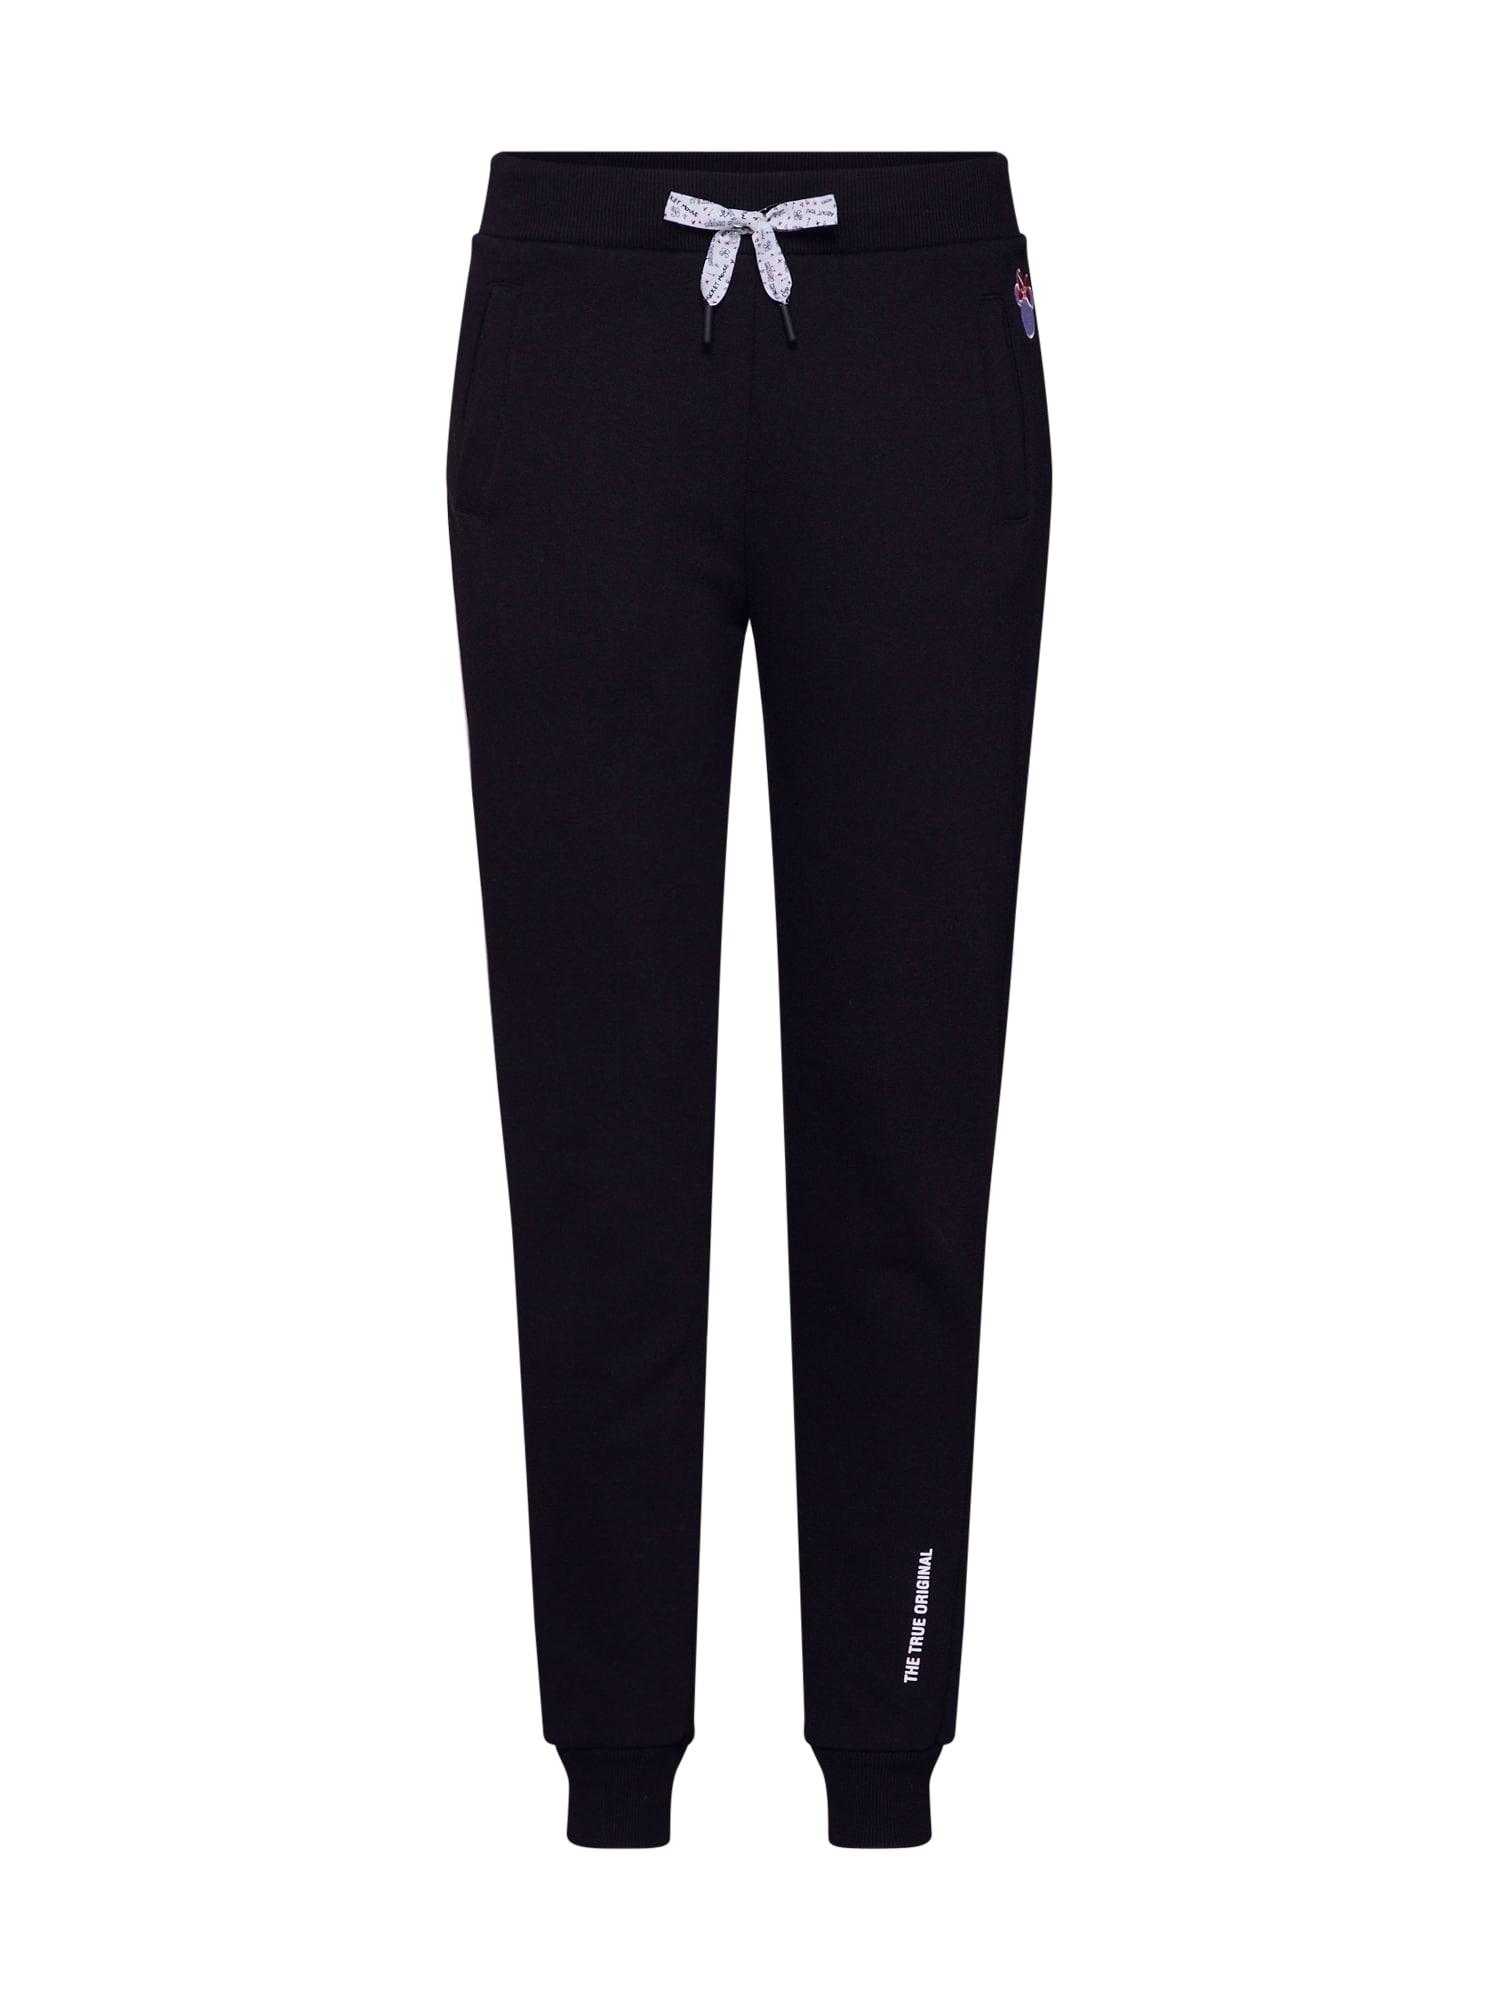 Kalhoty Ireen černá Disney X ABOUT YOU